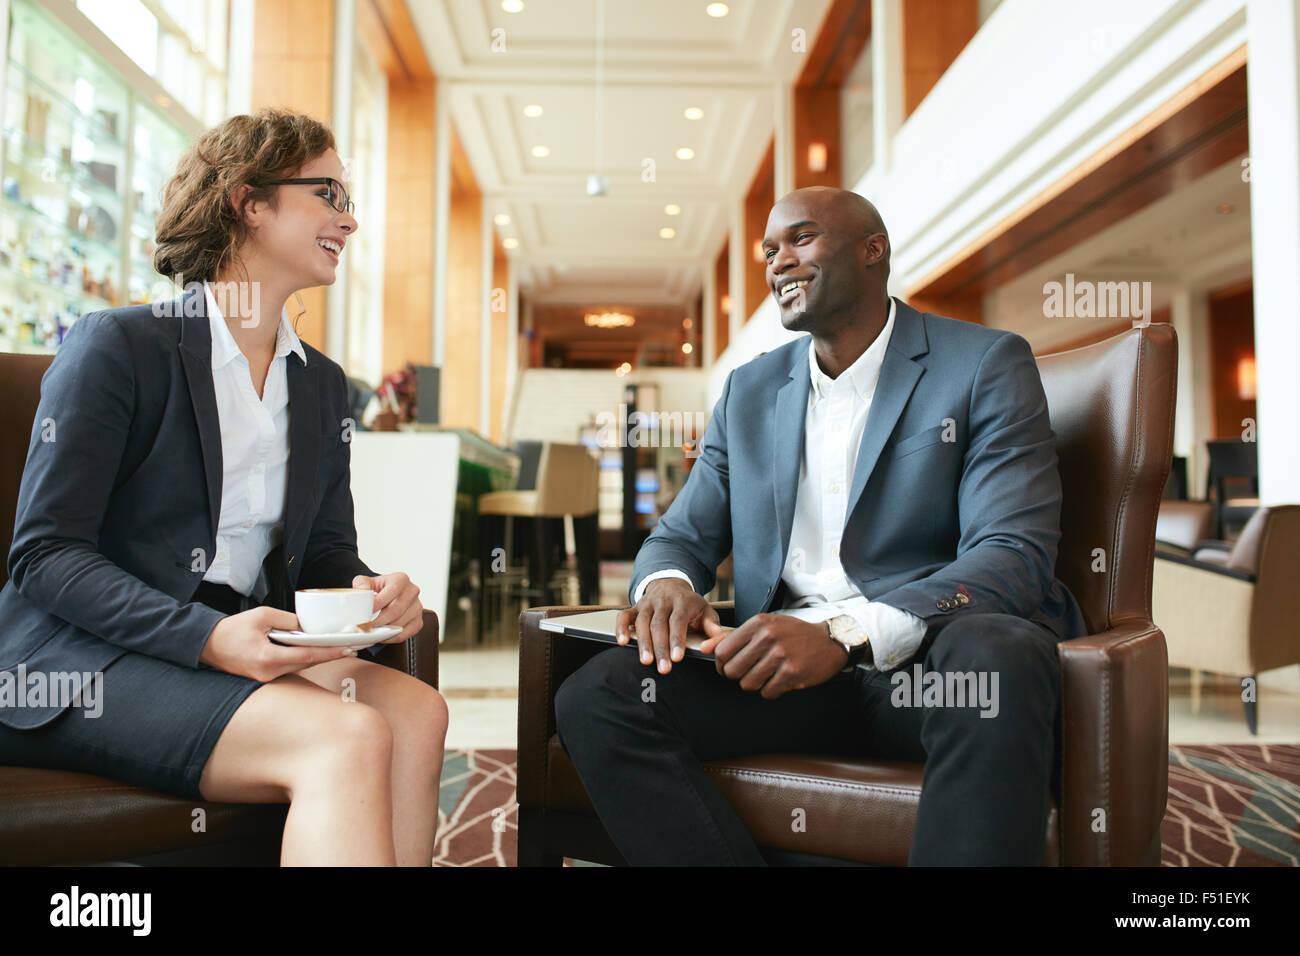 Ritratto di felice giovane imprenditrice in riunione con business partner presso la lobby dell'hotel. La gente Immagini Stock